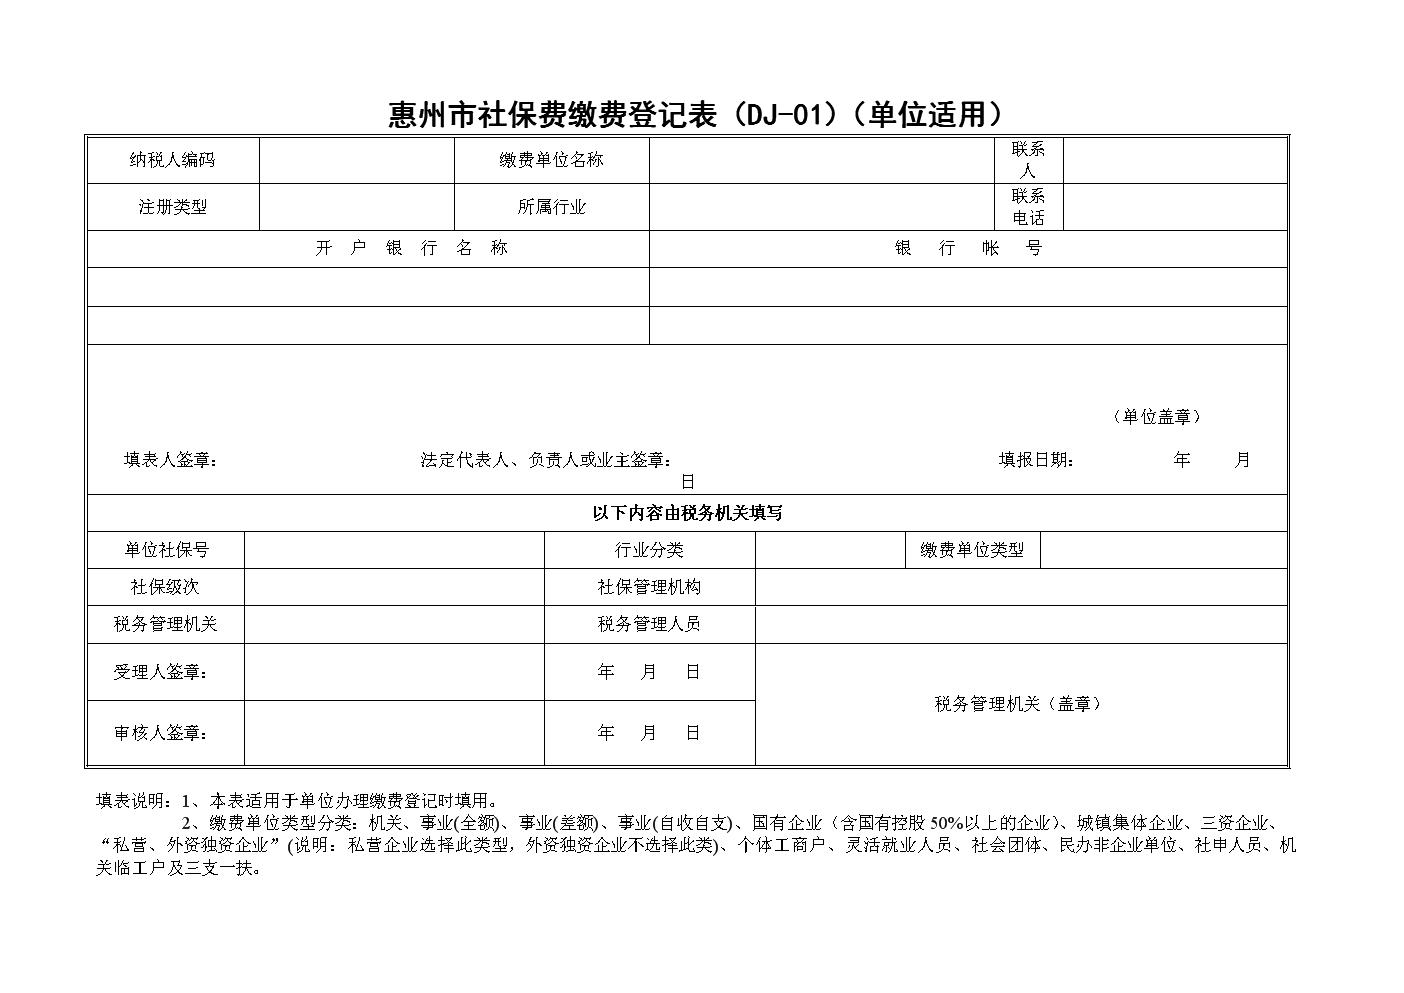 2019年5月6日上海企业养老保险缴费比例由20%降低至16%;上海社保缴费